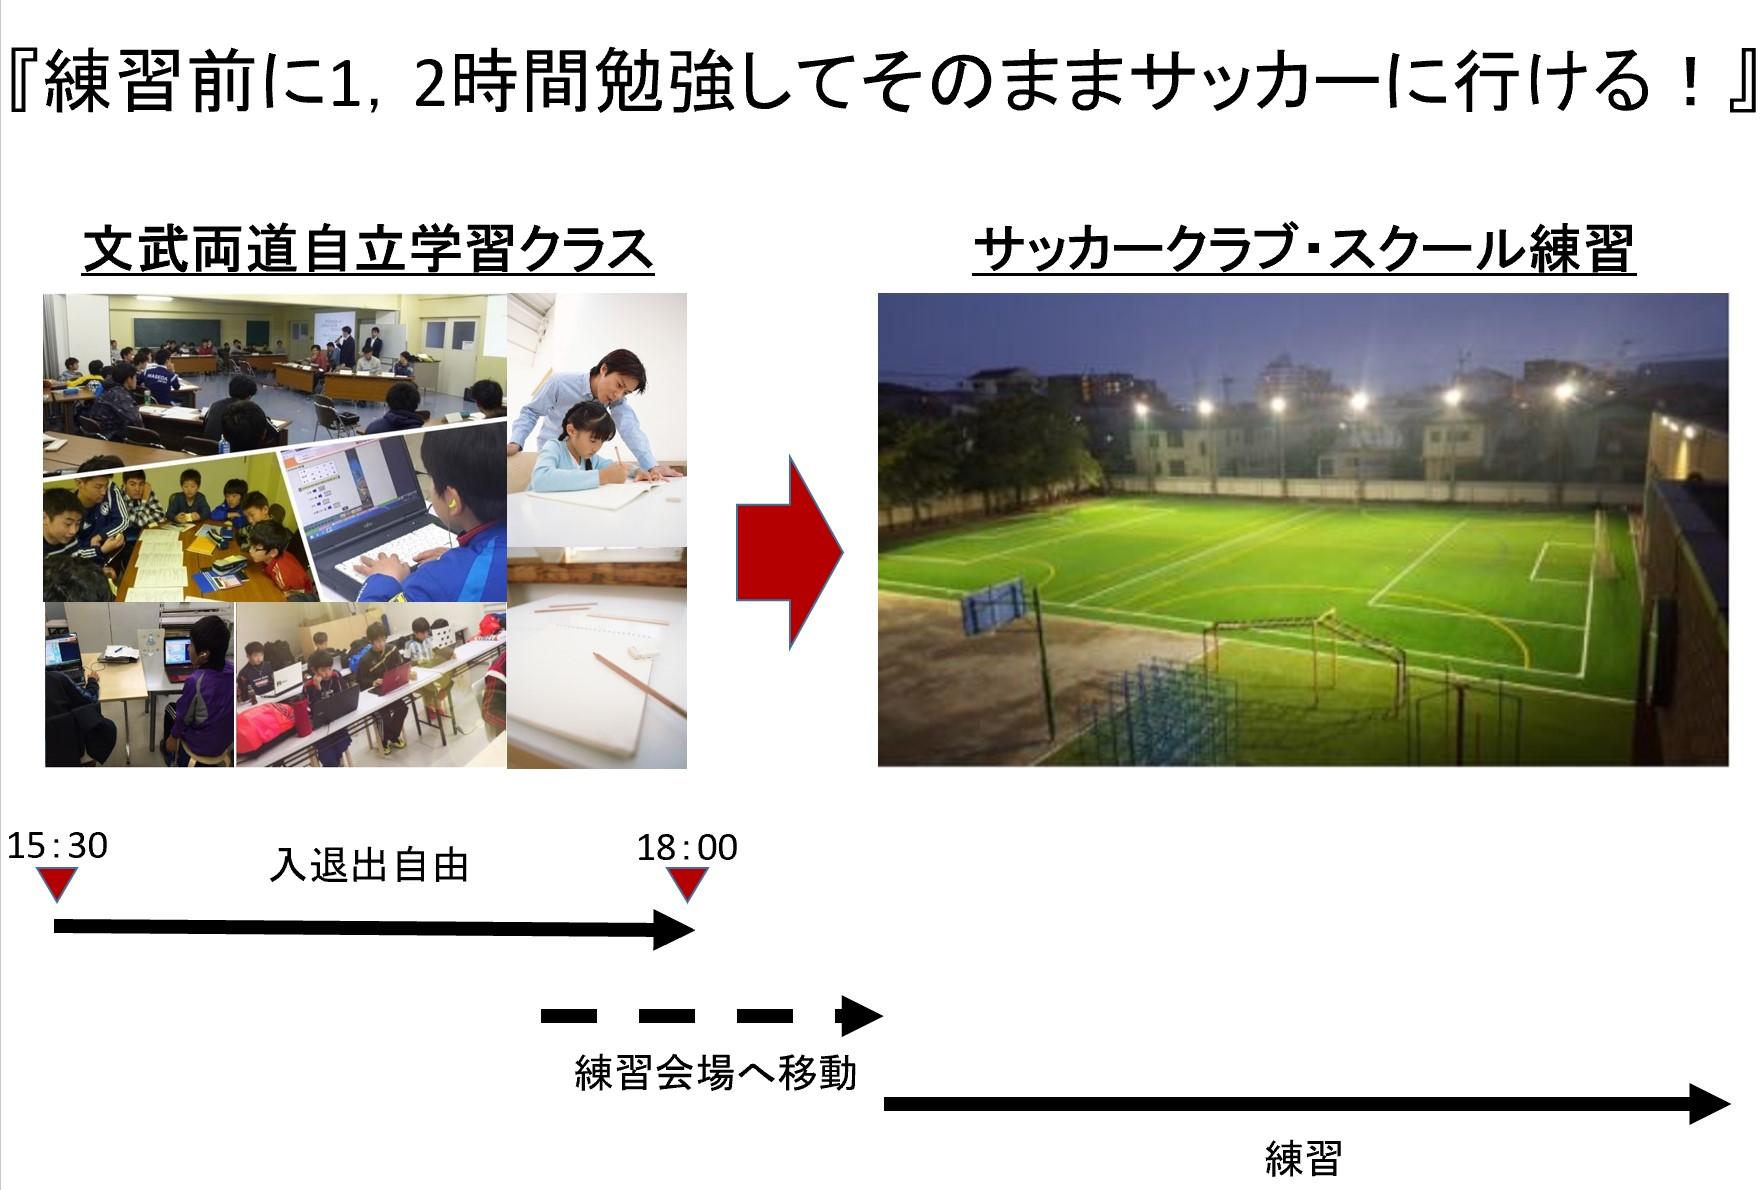 文武両道自立学習クラス『練習前に1,2時間勉強してそのままサッカーに行ける!』